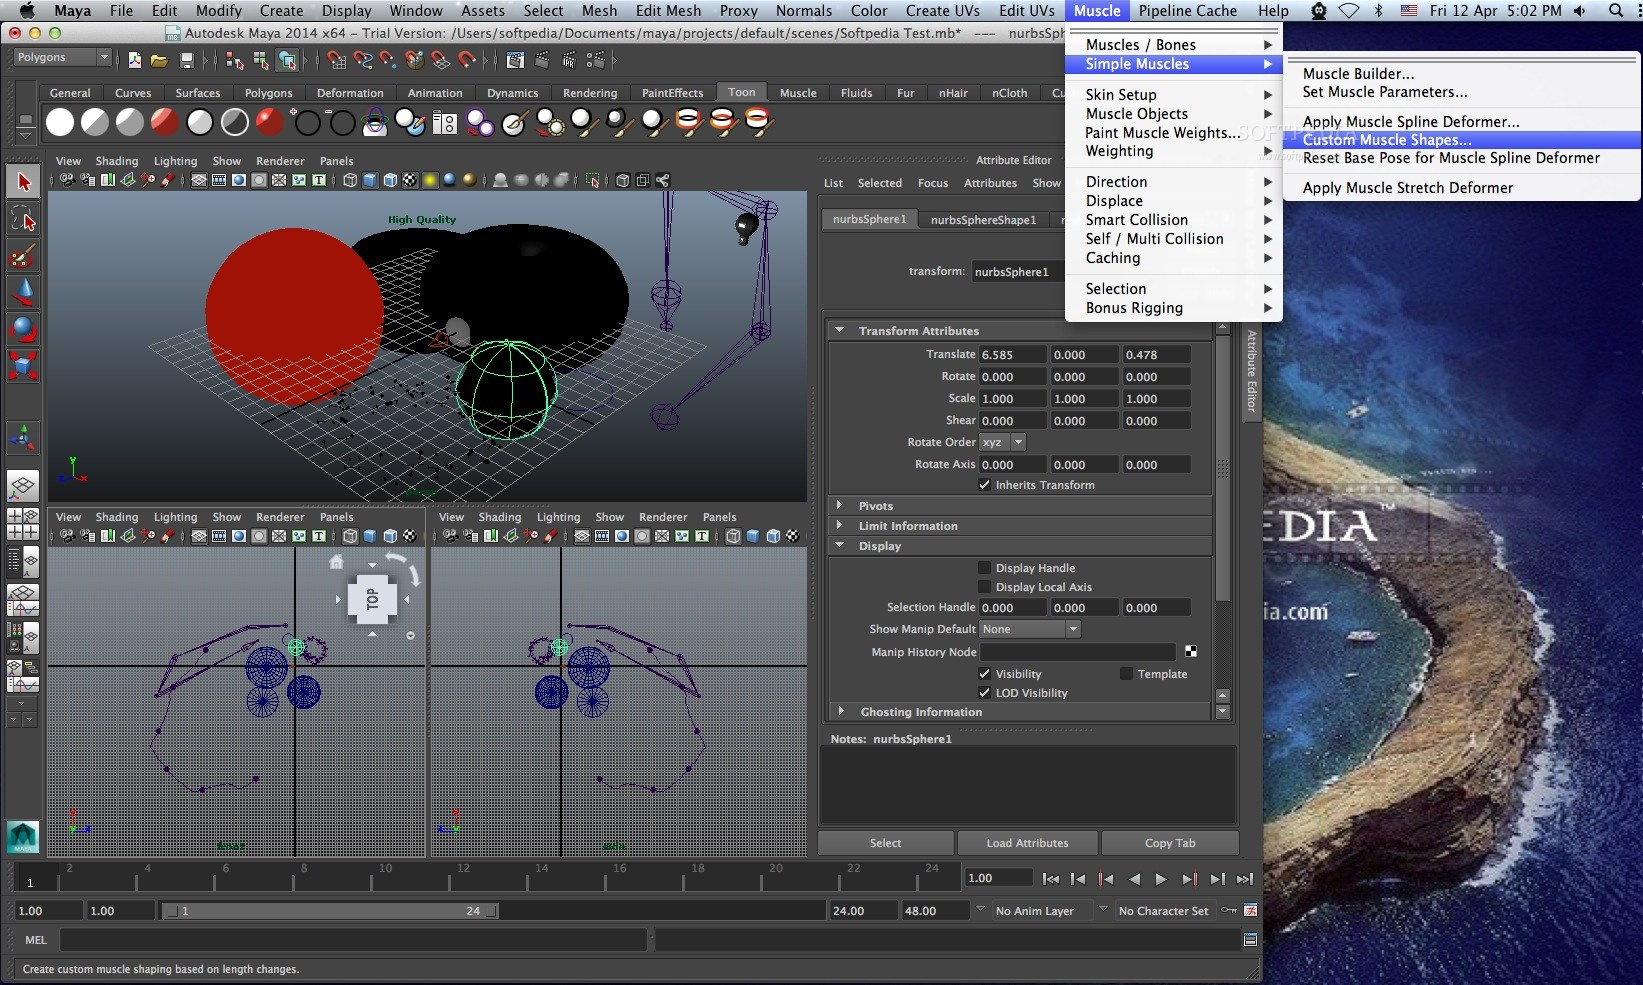 Maya 2012 download mac iso